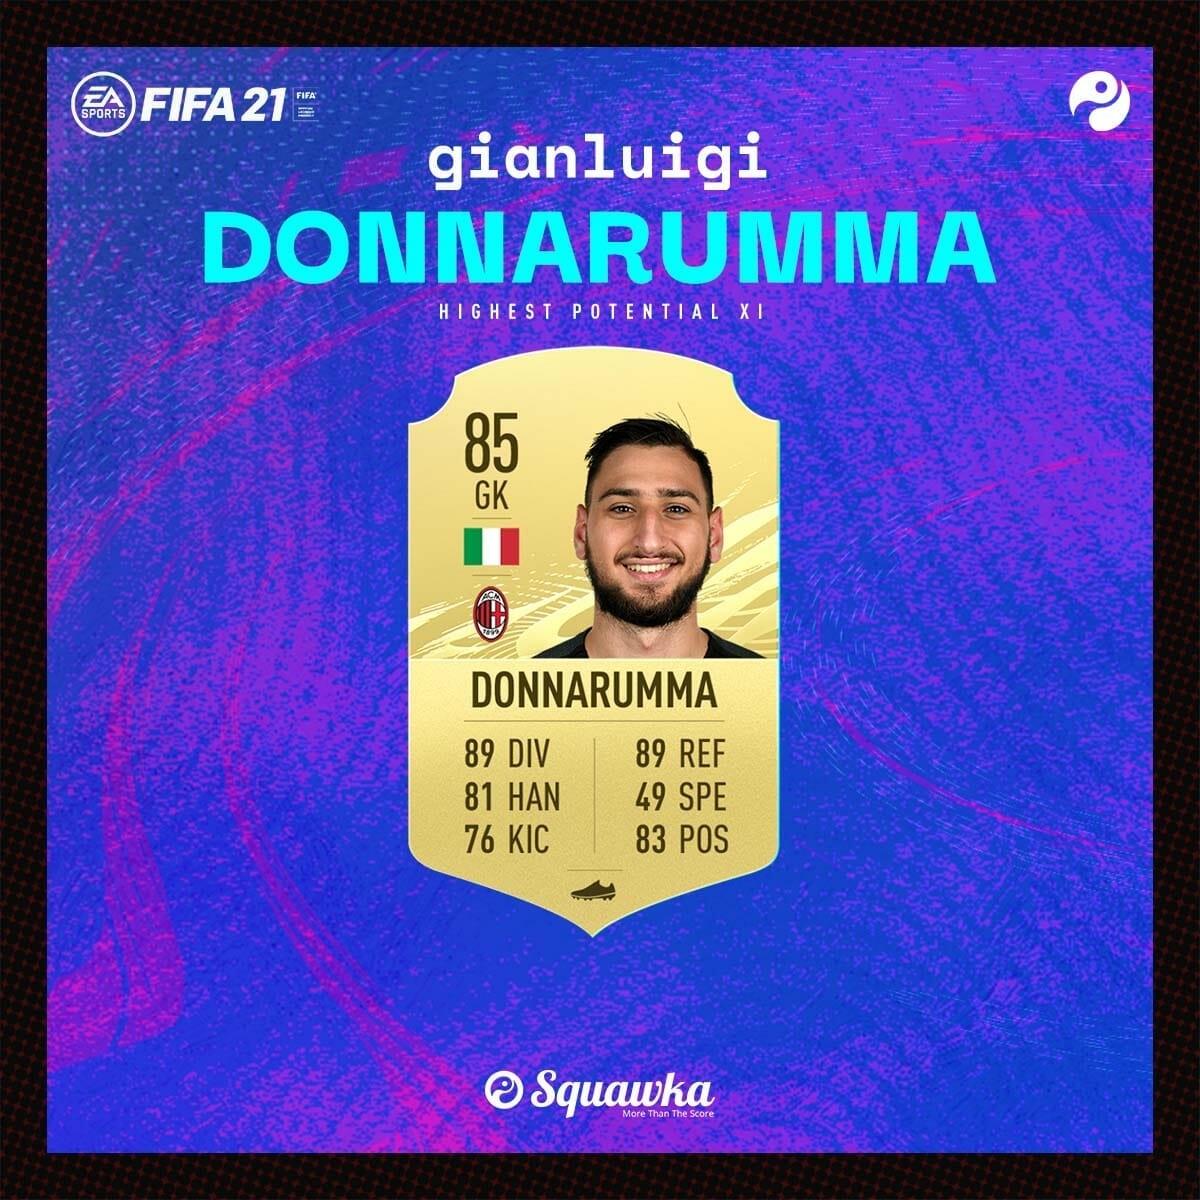 Thủ môn: Gianluigi Donnarumma - Chỉ số ban đầu: 85 - Tiềm năng phát triển: 92